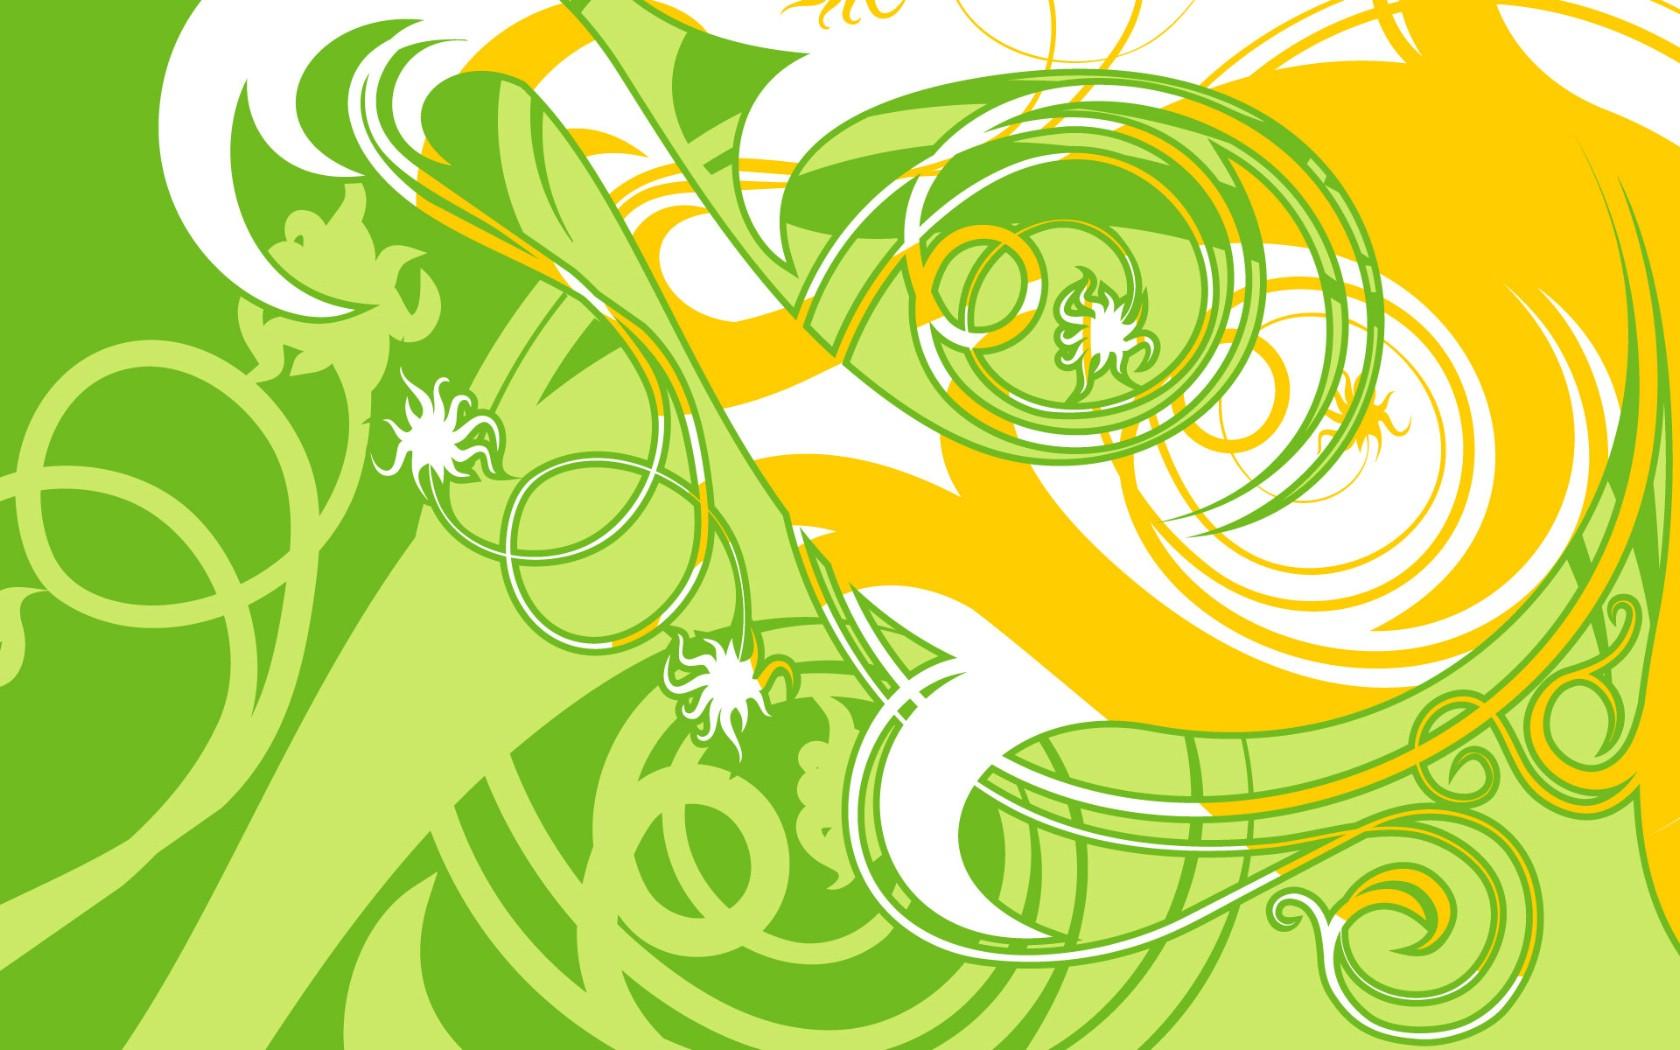 壁纸1680×1050矢量合集 1 12壁纸 矢量其他 矢量合集 第一辑壁纸图片矢量壁纸矢量图片素材桌面壁纸